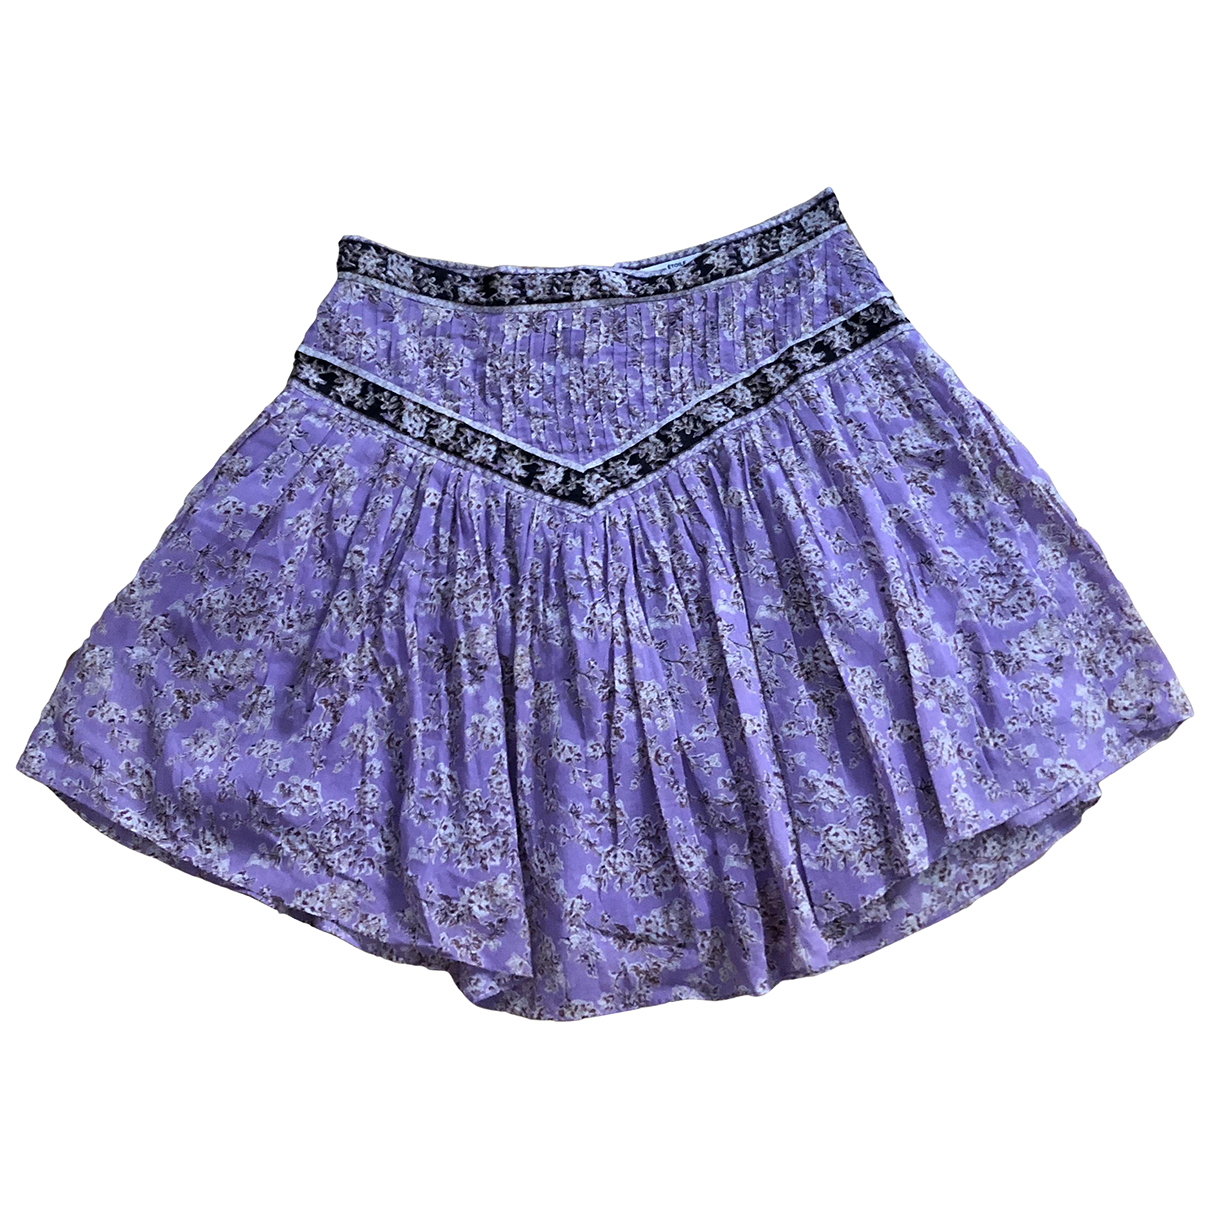 Isabel Marant Etoile \N Purple Cotton skirt for Women 40 FR